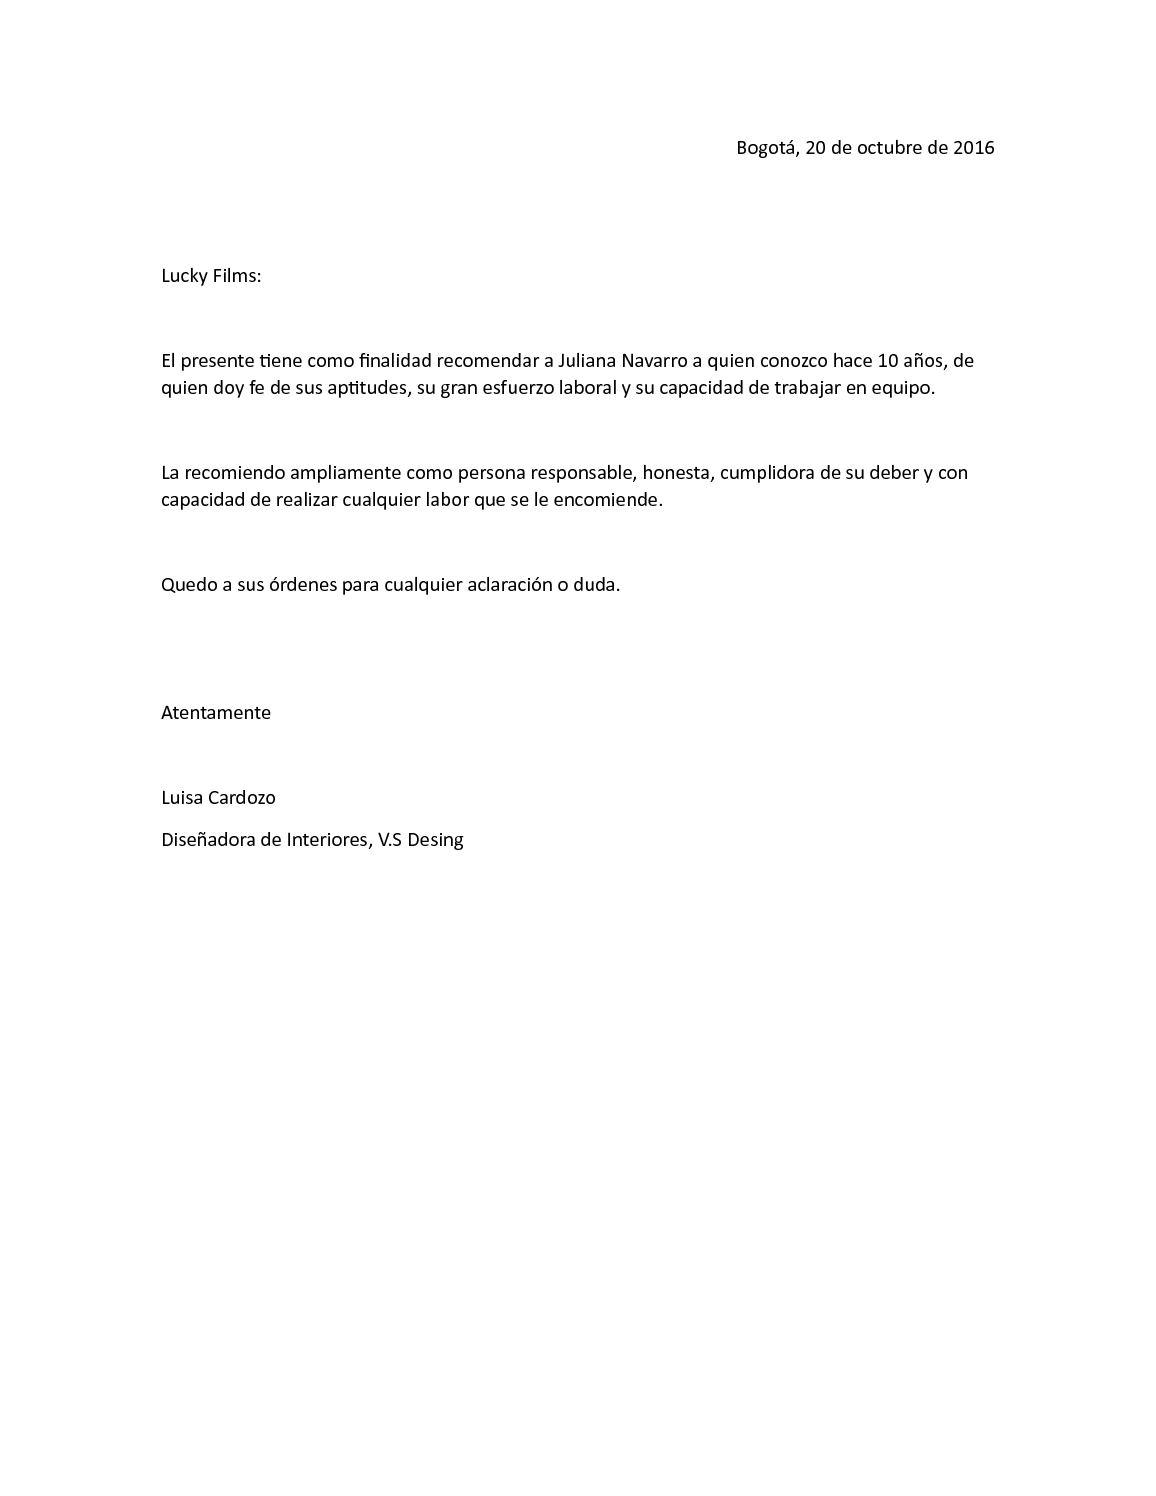 carta de recomendacion personal